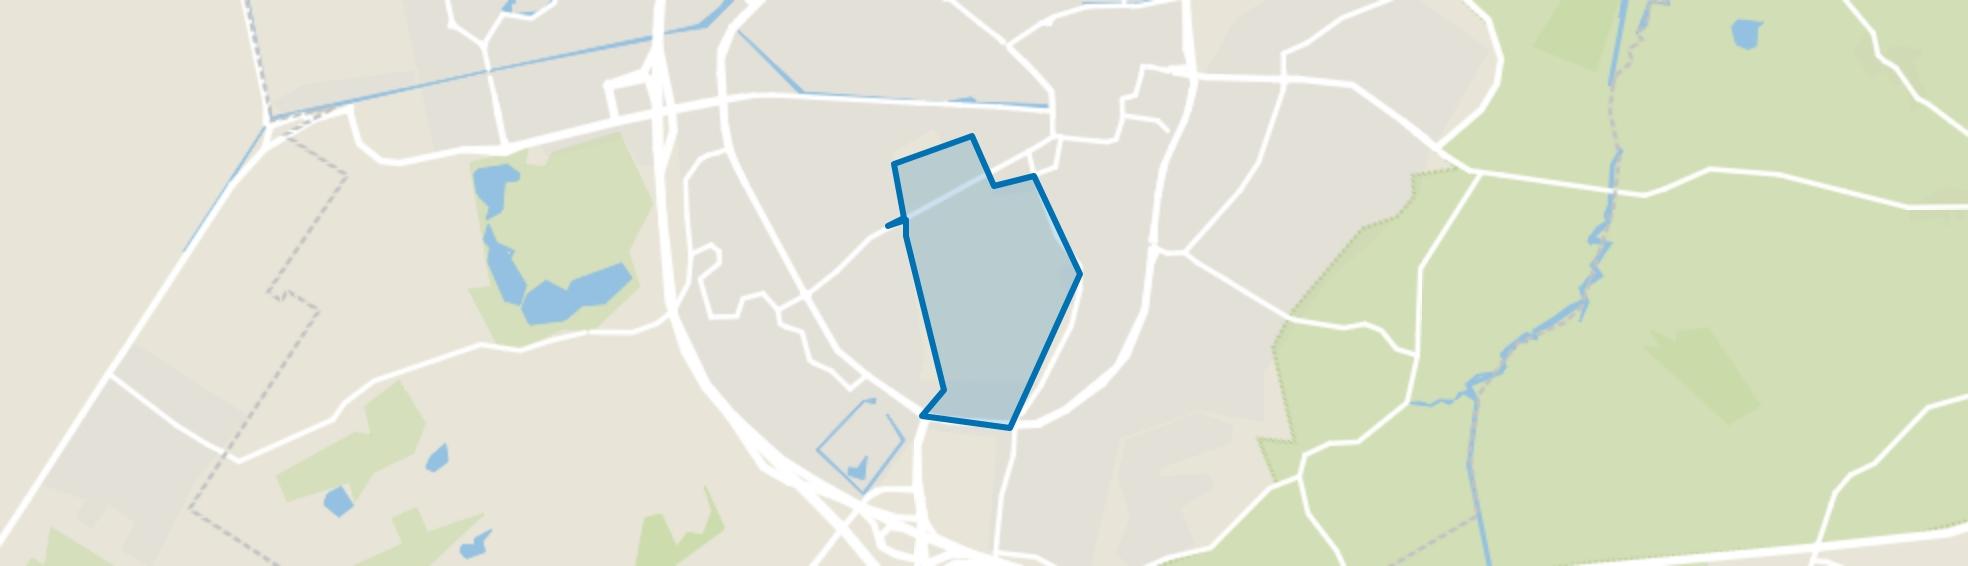 Asserbos, Assen map